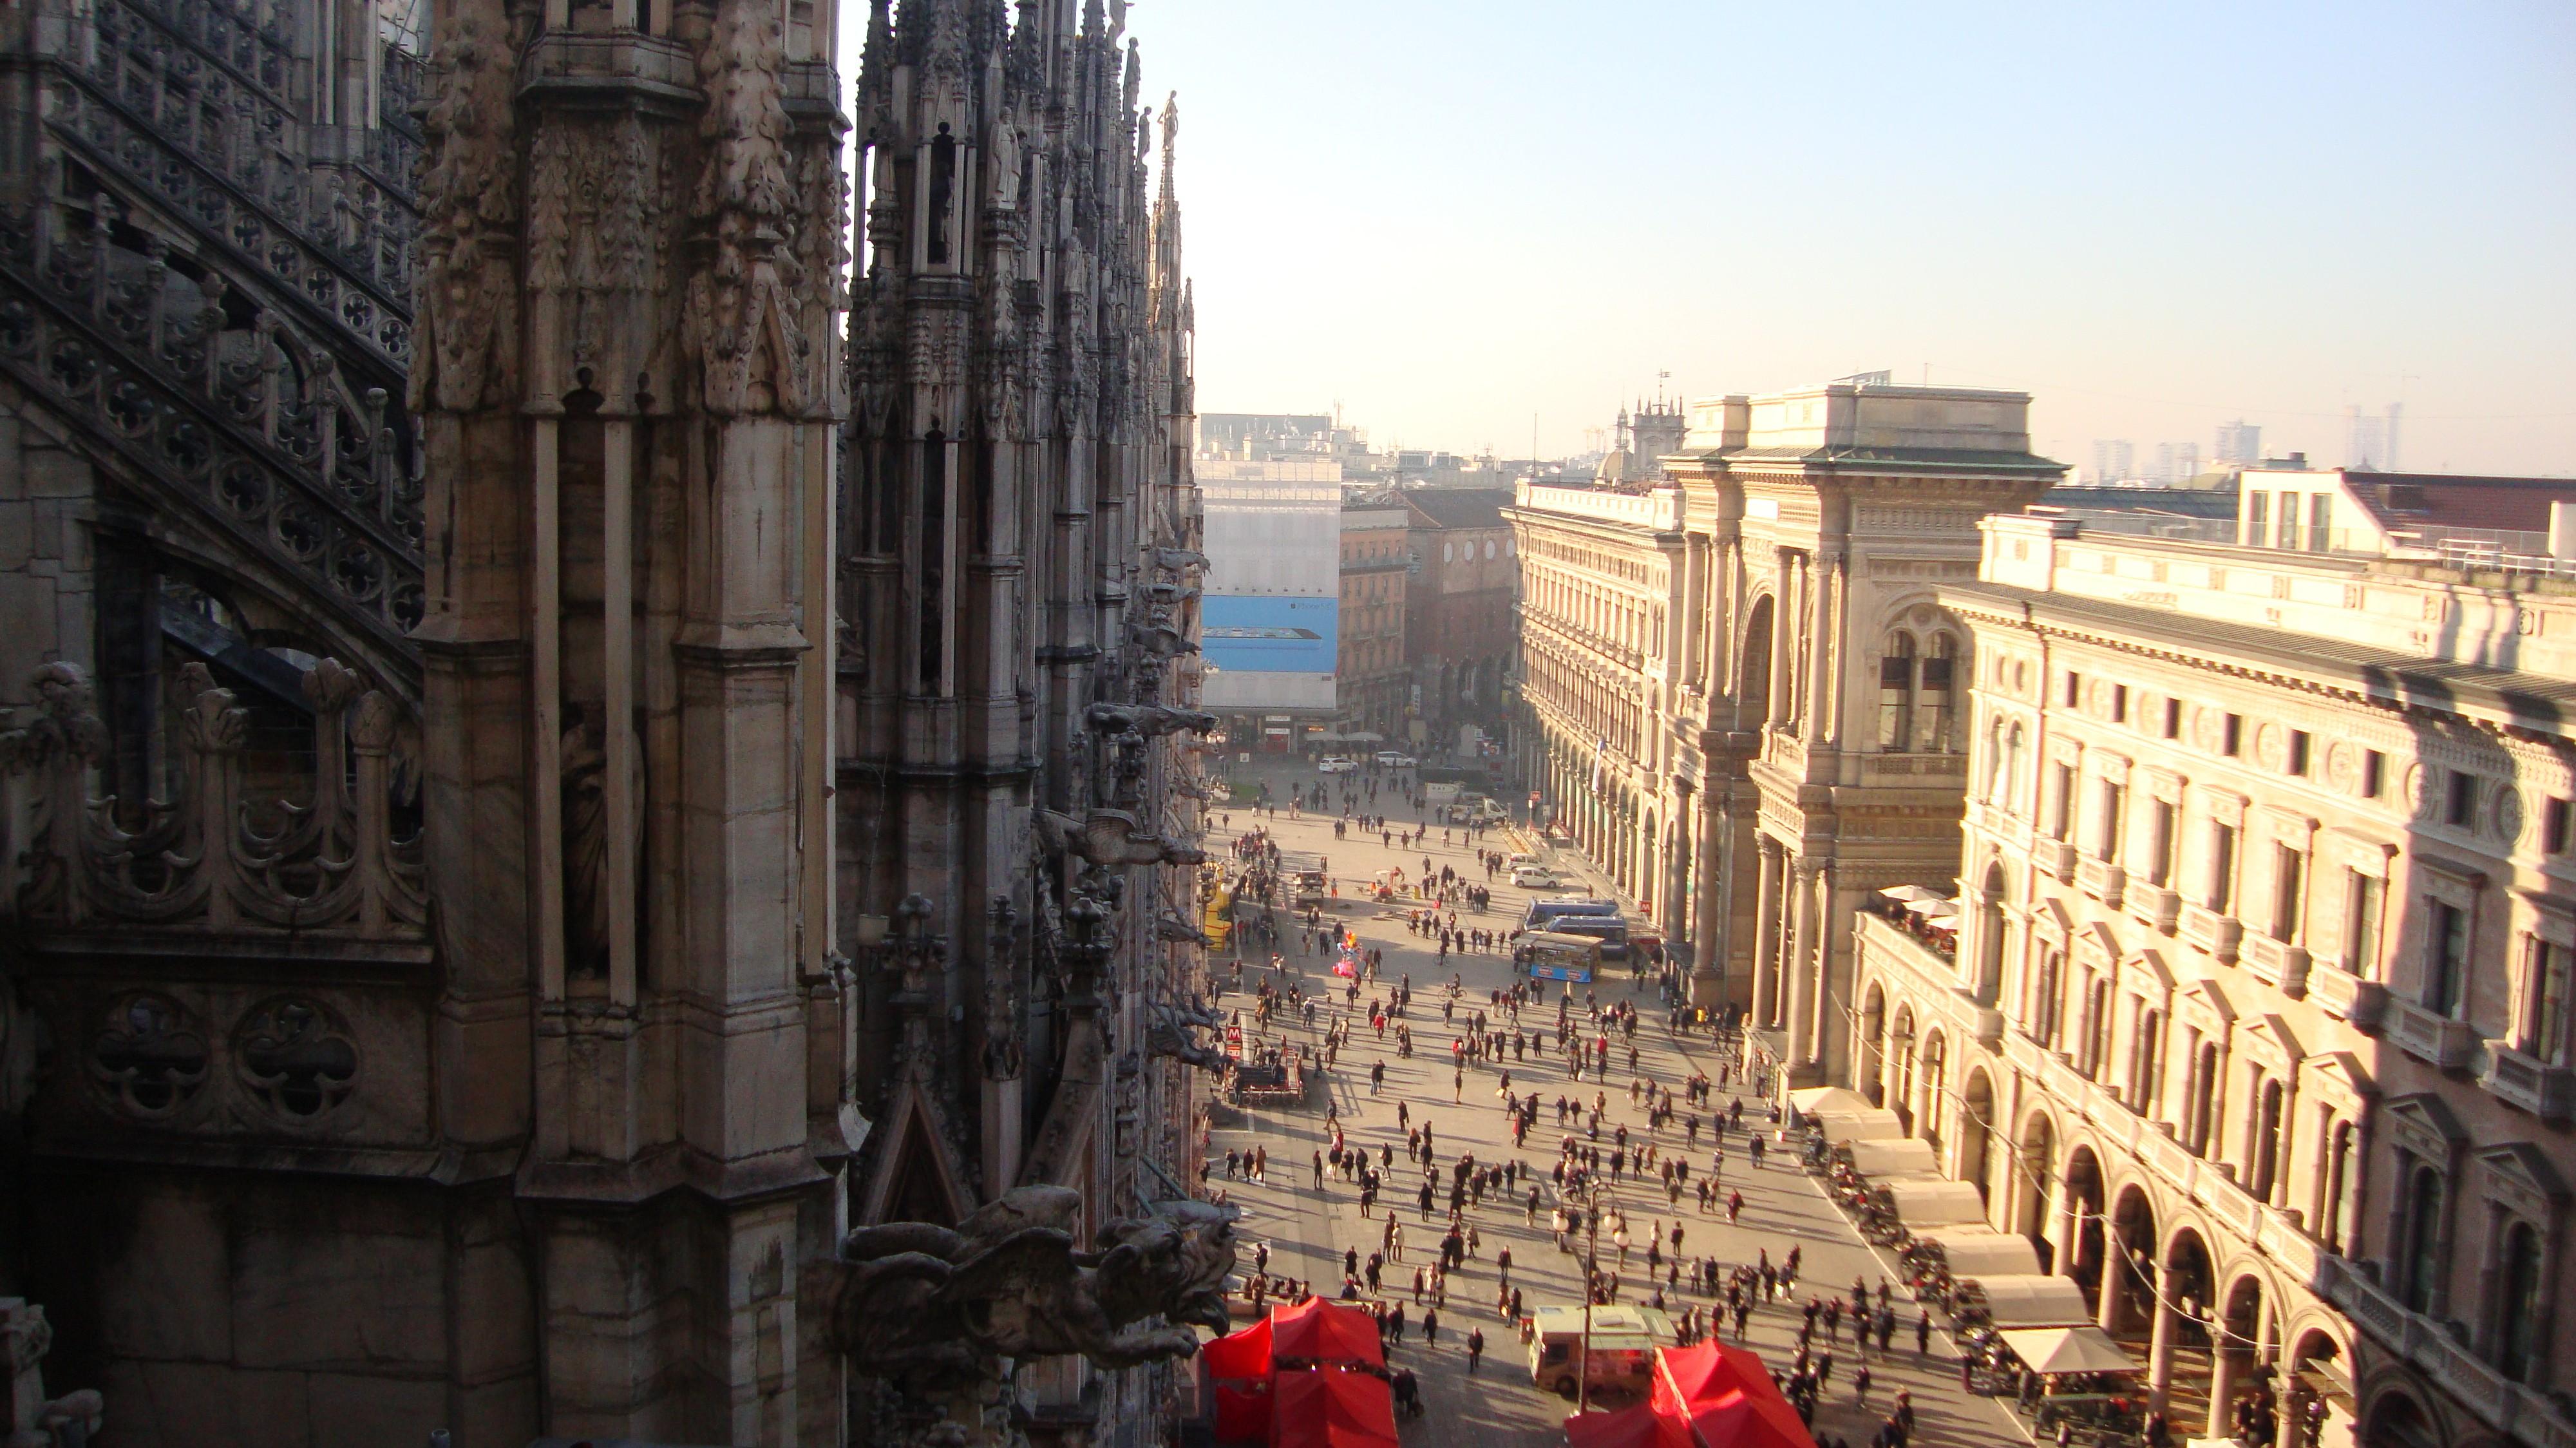 Милан: соборы, сыры, вино и распродажи